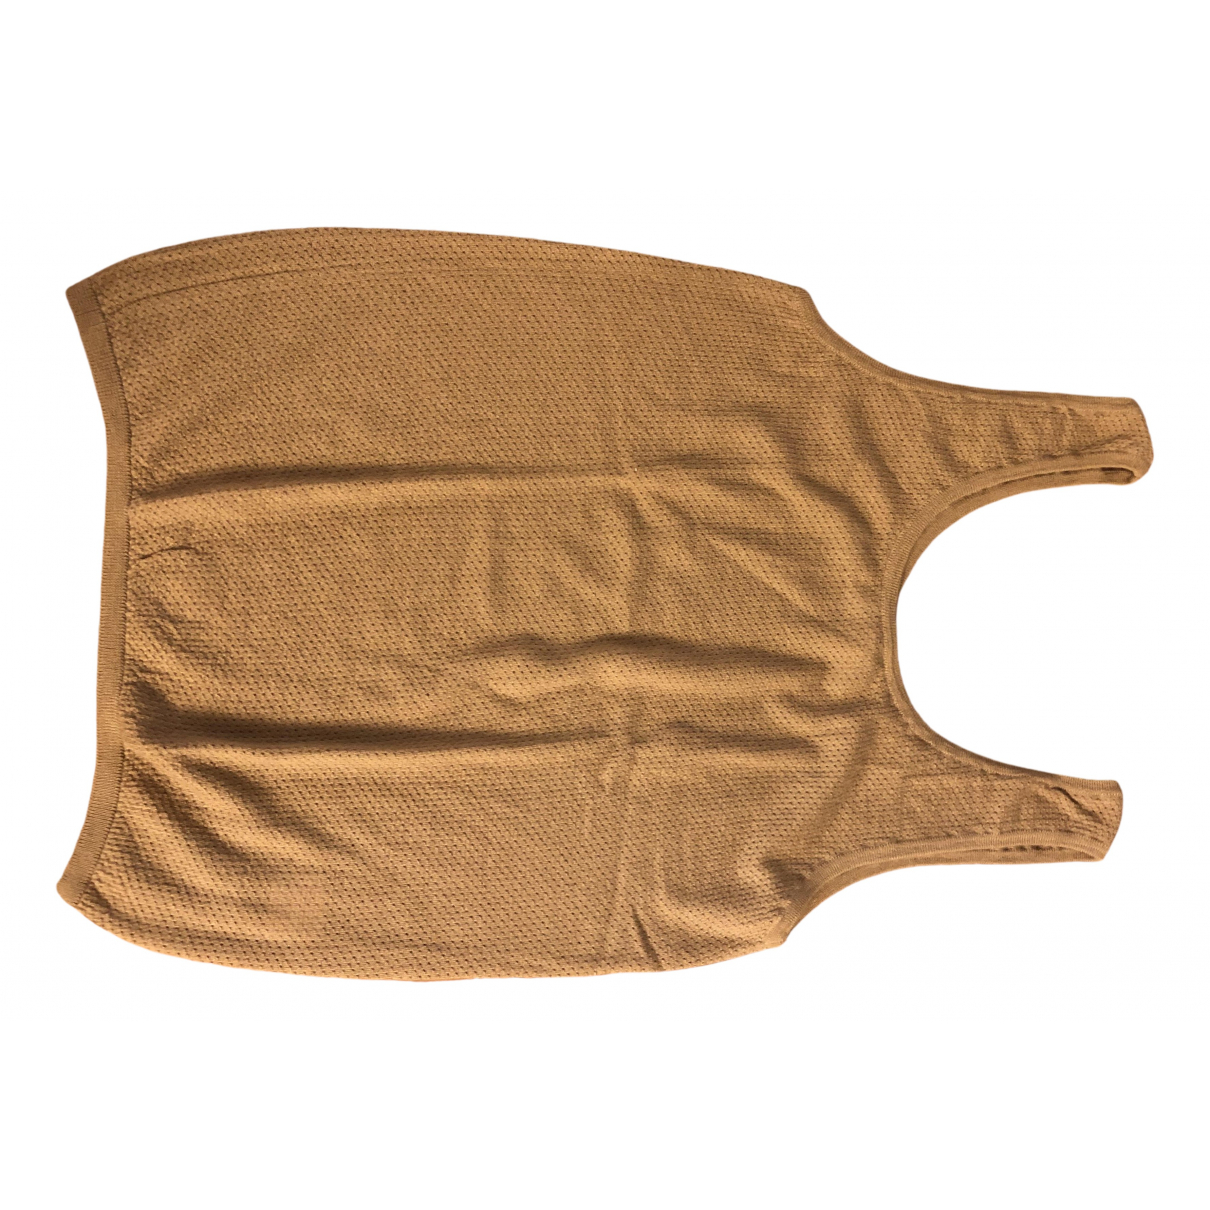 Yves Saint Laurent - Top   pour femme en cachemire - beige